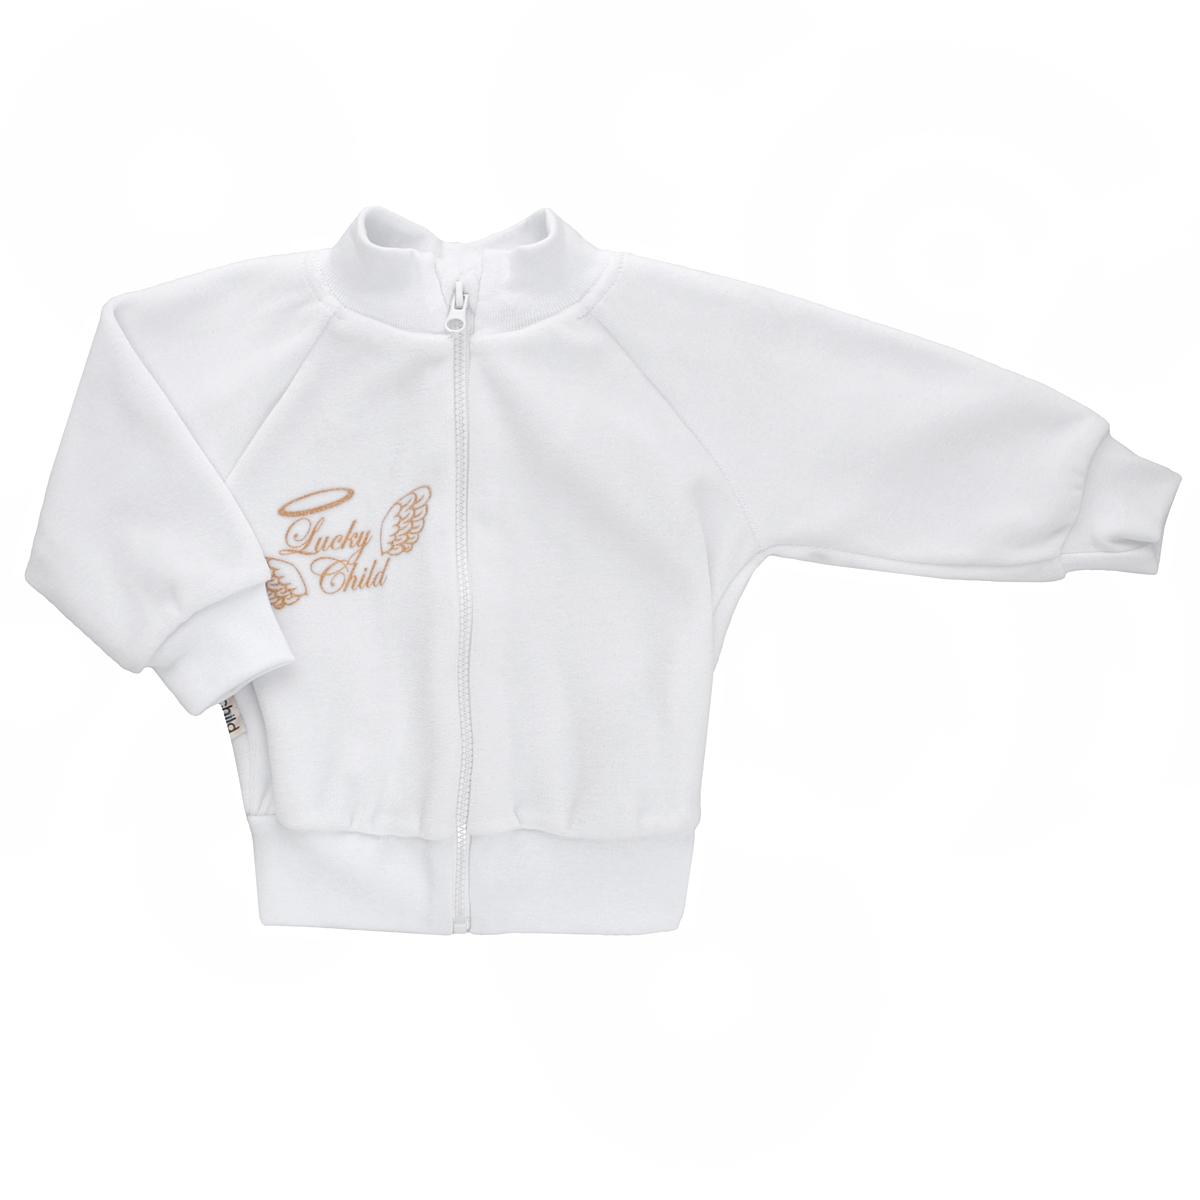 Распашонка17-18Кофточка для новорожденного Lucky Child Ангелы с длинными рукавами-реглан послужит идеальным дополнением к гардеробу вашего малыша, обеспечивая ему наибольший комфорт. Изготовленная из велюра, она необычайно мягкая и легкая, не раздражает нежную кожу ребенка и хорошо вентилируется, а эластичные швы приятны телу малыша и не препятствуют его движениям. Удобная застежка-молния по всей длине помогает легко переодеть младенца. Рукава, низ изделия и горловина дополнены широкими трикотажными резинками. Кофточка на груди оформлена надписью в виде логотипа бренда и изображением крылышек, а на спинке дополнена текстильными крылышками, вышитыми металлизированной нитью. Кофточка полностью соответствует особенностям жизни ребенка в ранний период, не стесняя и не ограничивая его в движениях. В ней ваш малыш всегда будет в центре внимания.